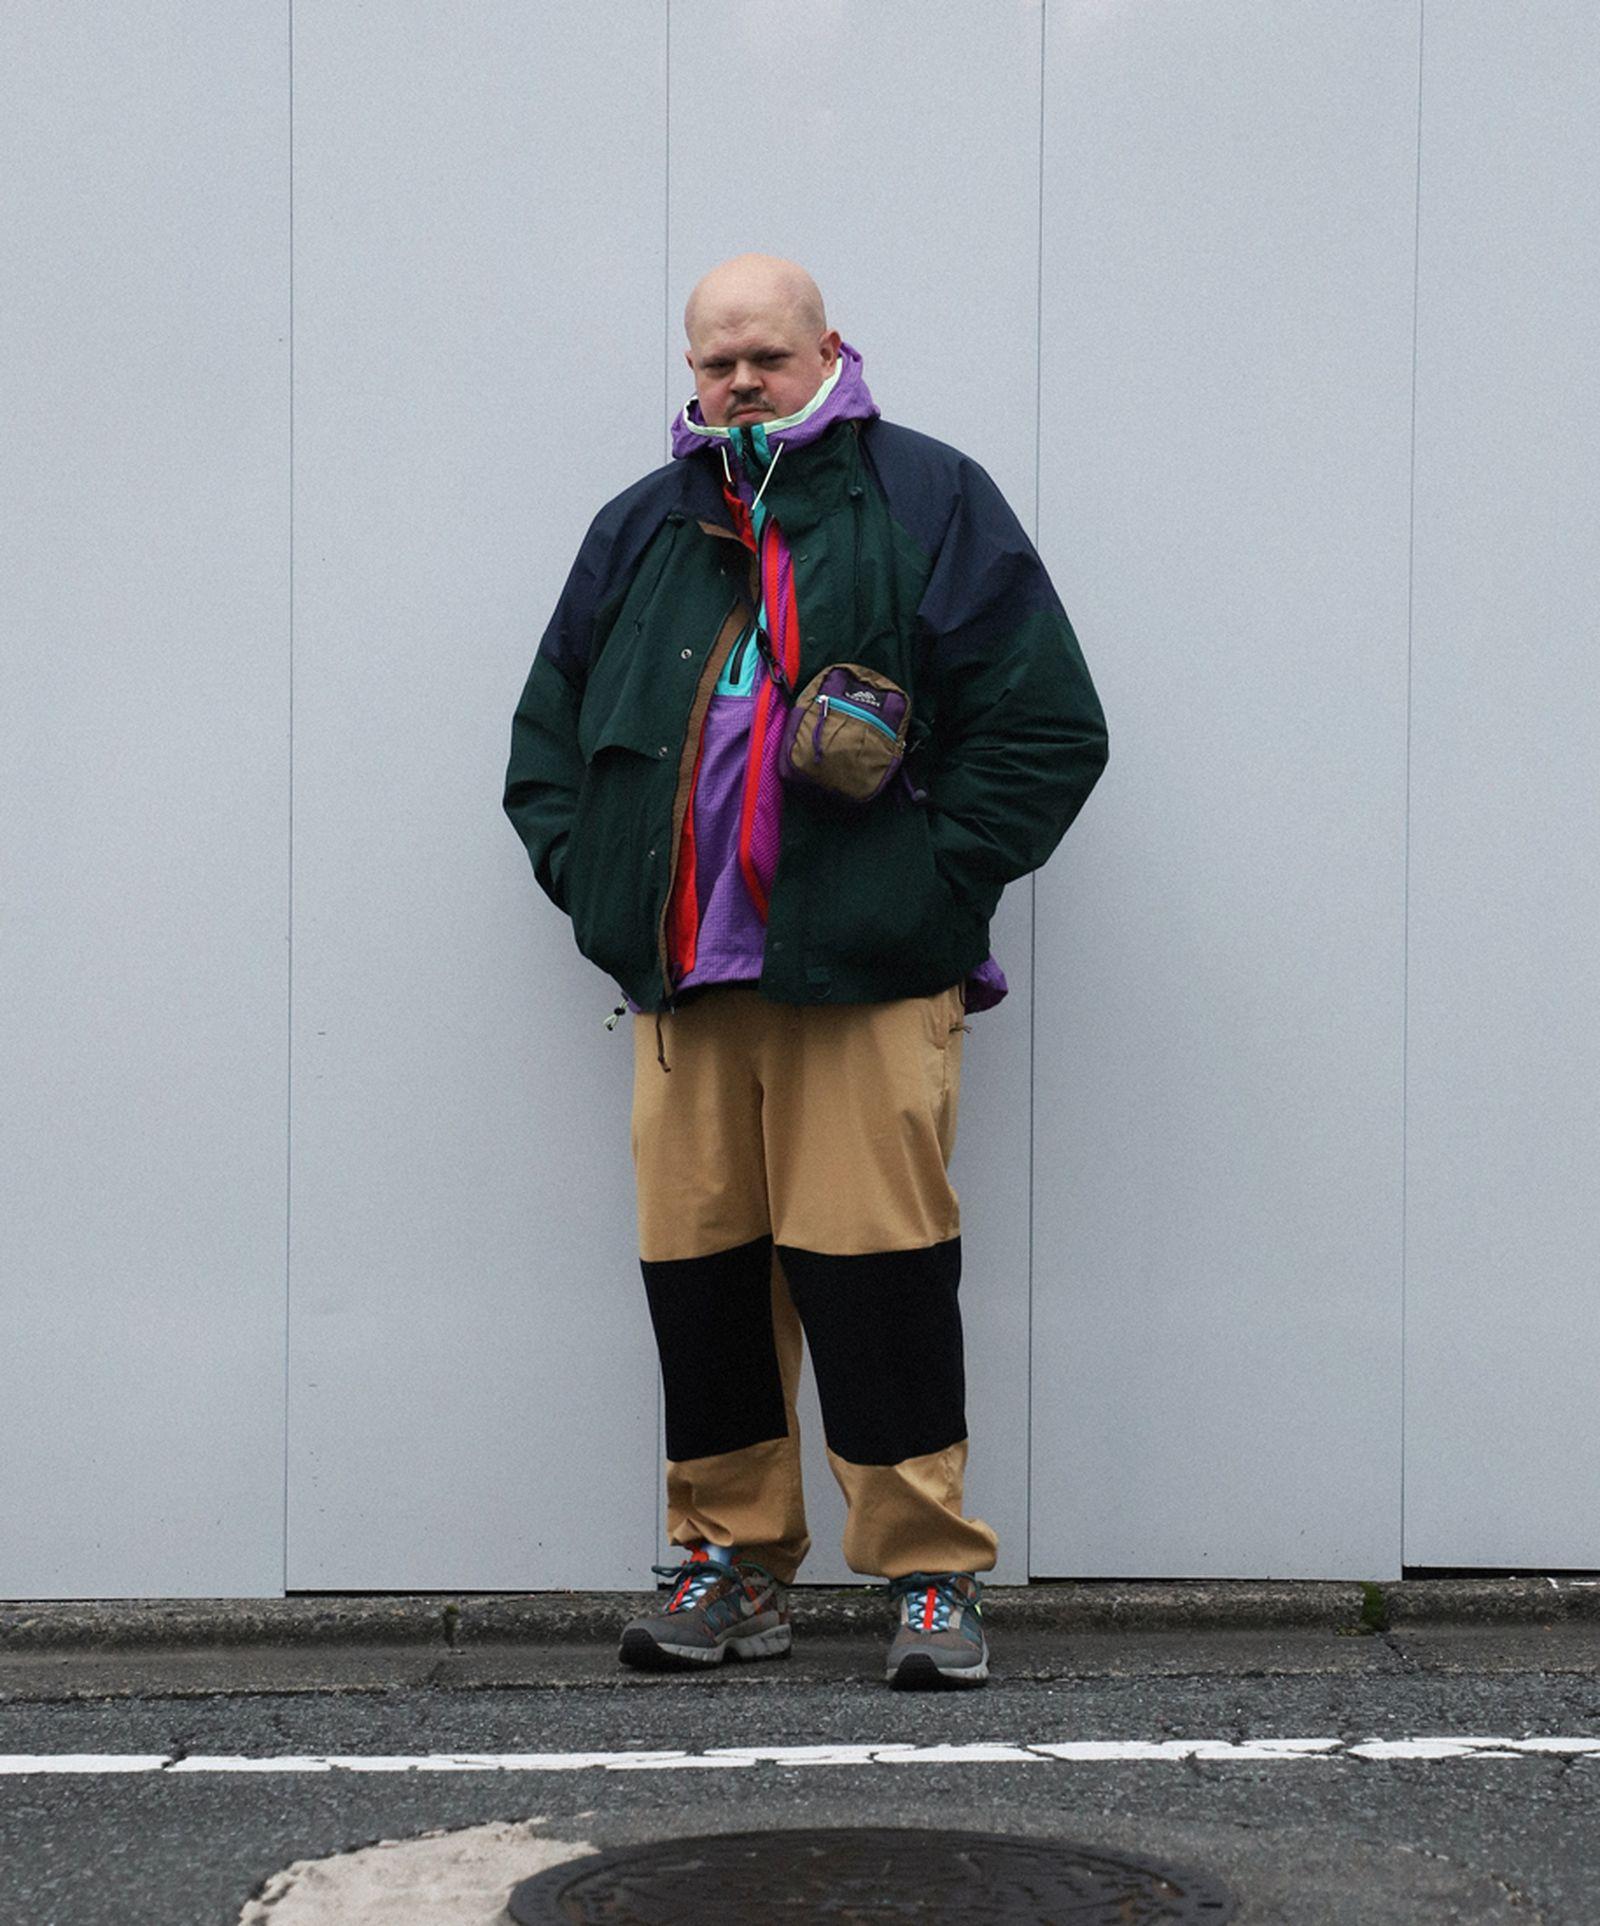 tokyo-street-style-autumn-2019-20